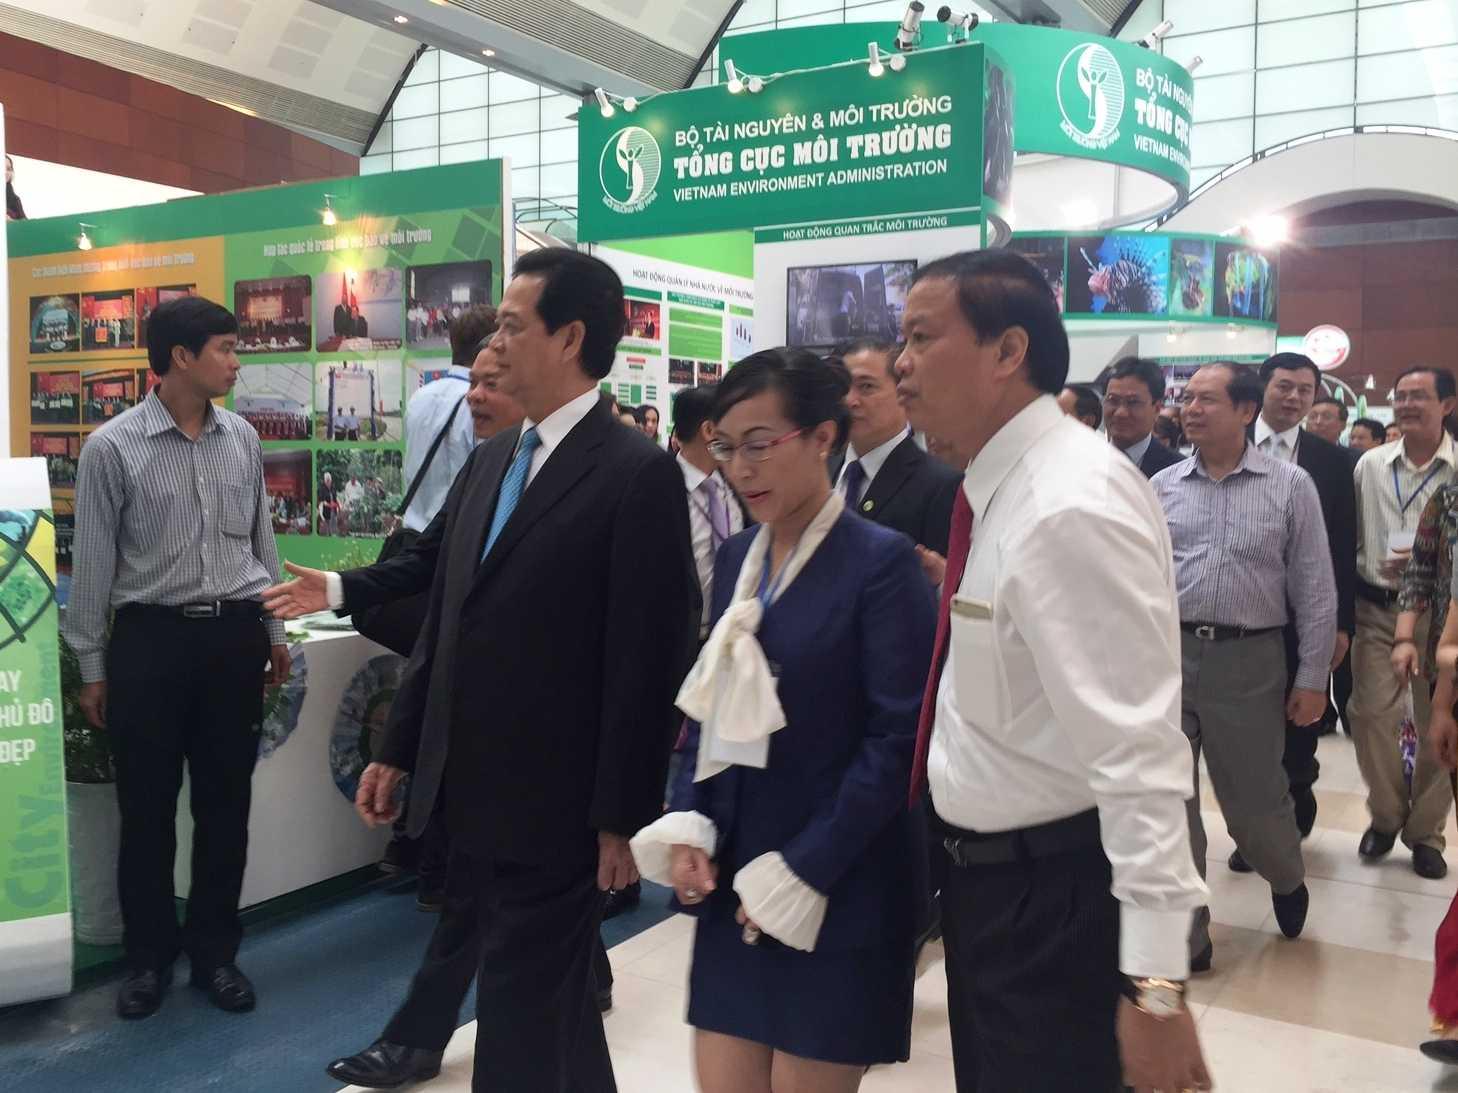 Thủ tướng Nguyễn Tấn Dũng tham quan mô hình máy phát điện tại Hội nghị triển lãm quốc tế về môi trường diễn ra tại Trung tâm Hội nghị quốc gia (Hà Nội).